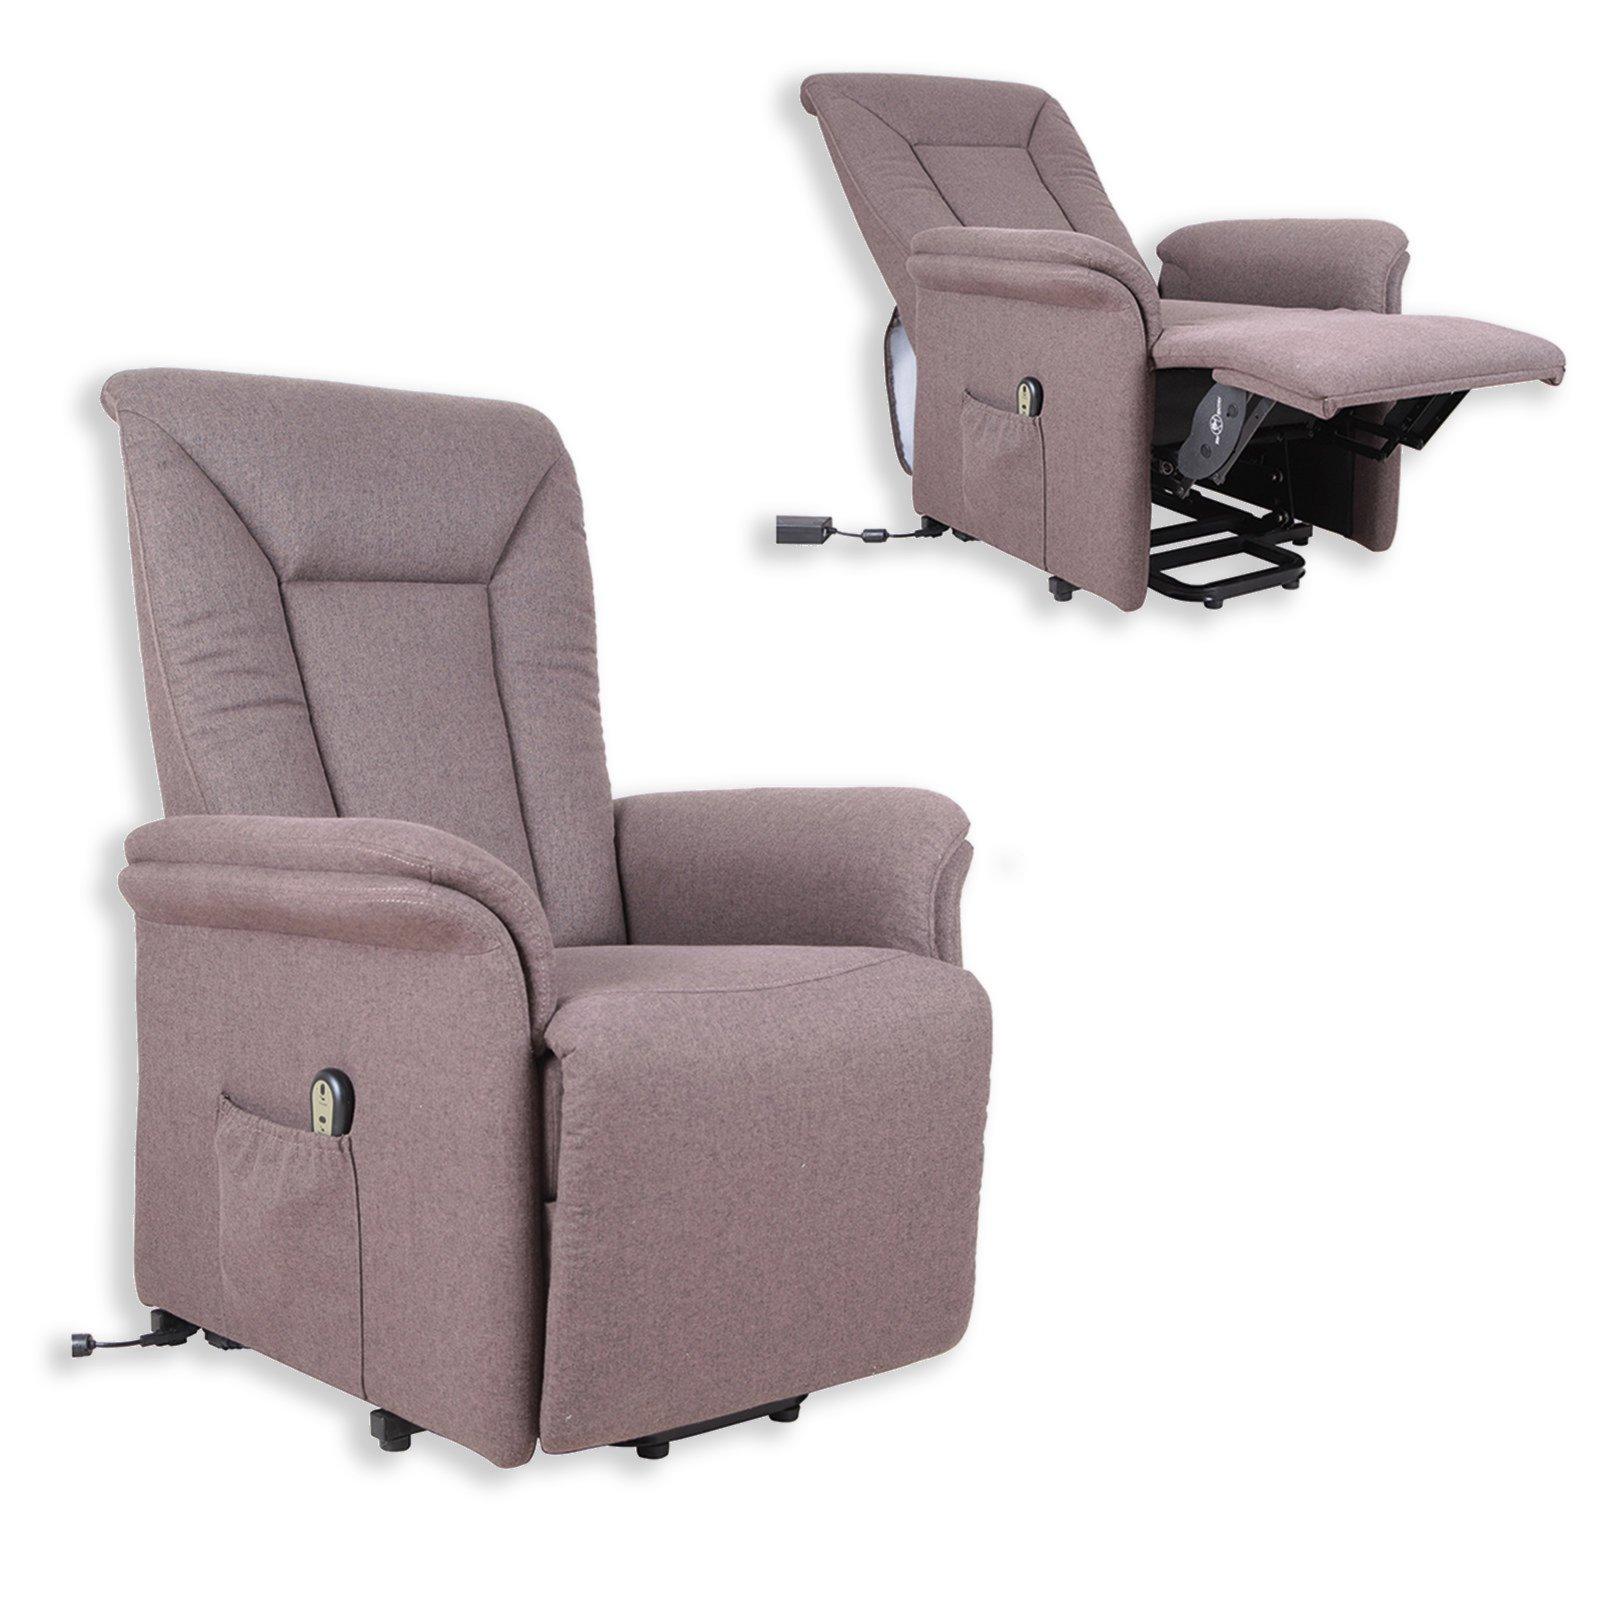 TV Sessel braun mit Funktionen elektronisch